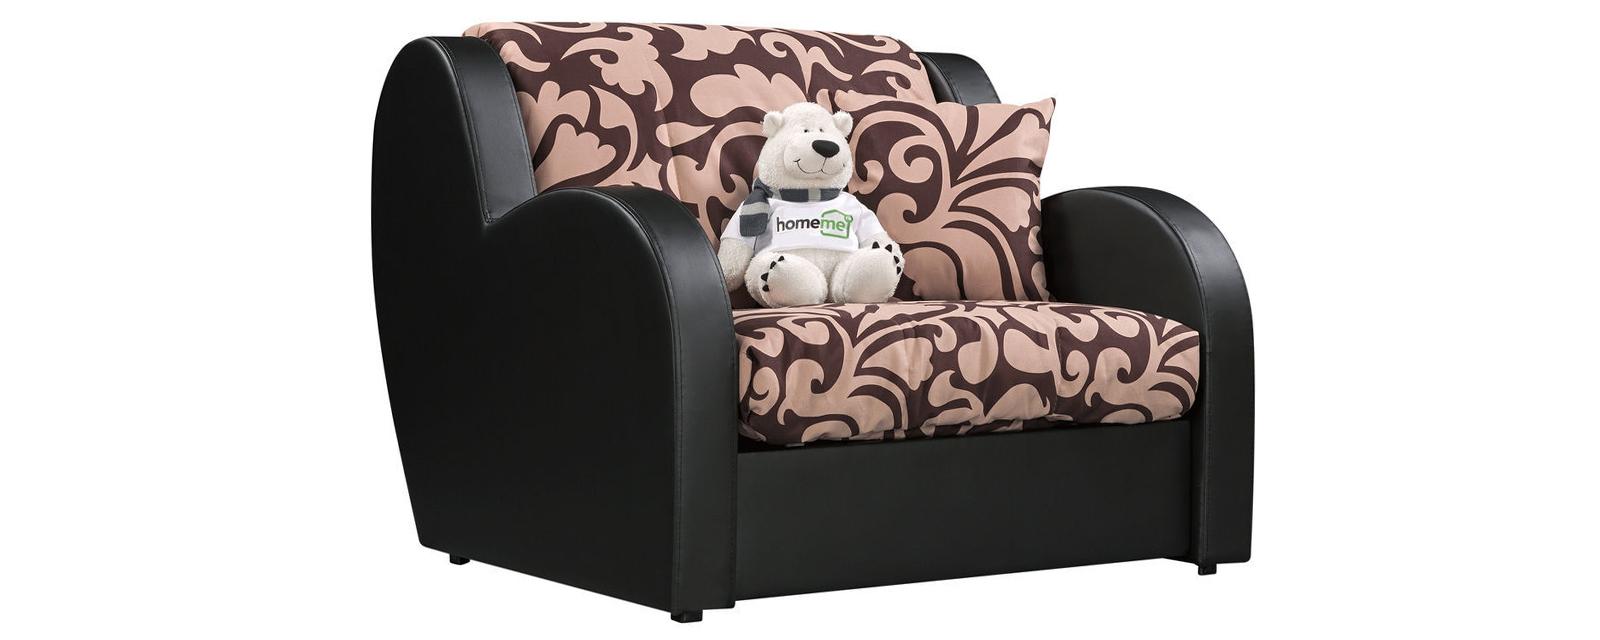 Кресло тканевое Барон Fandy коричневый (Микровелюр + Экокожа) Барон